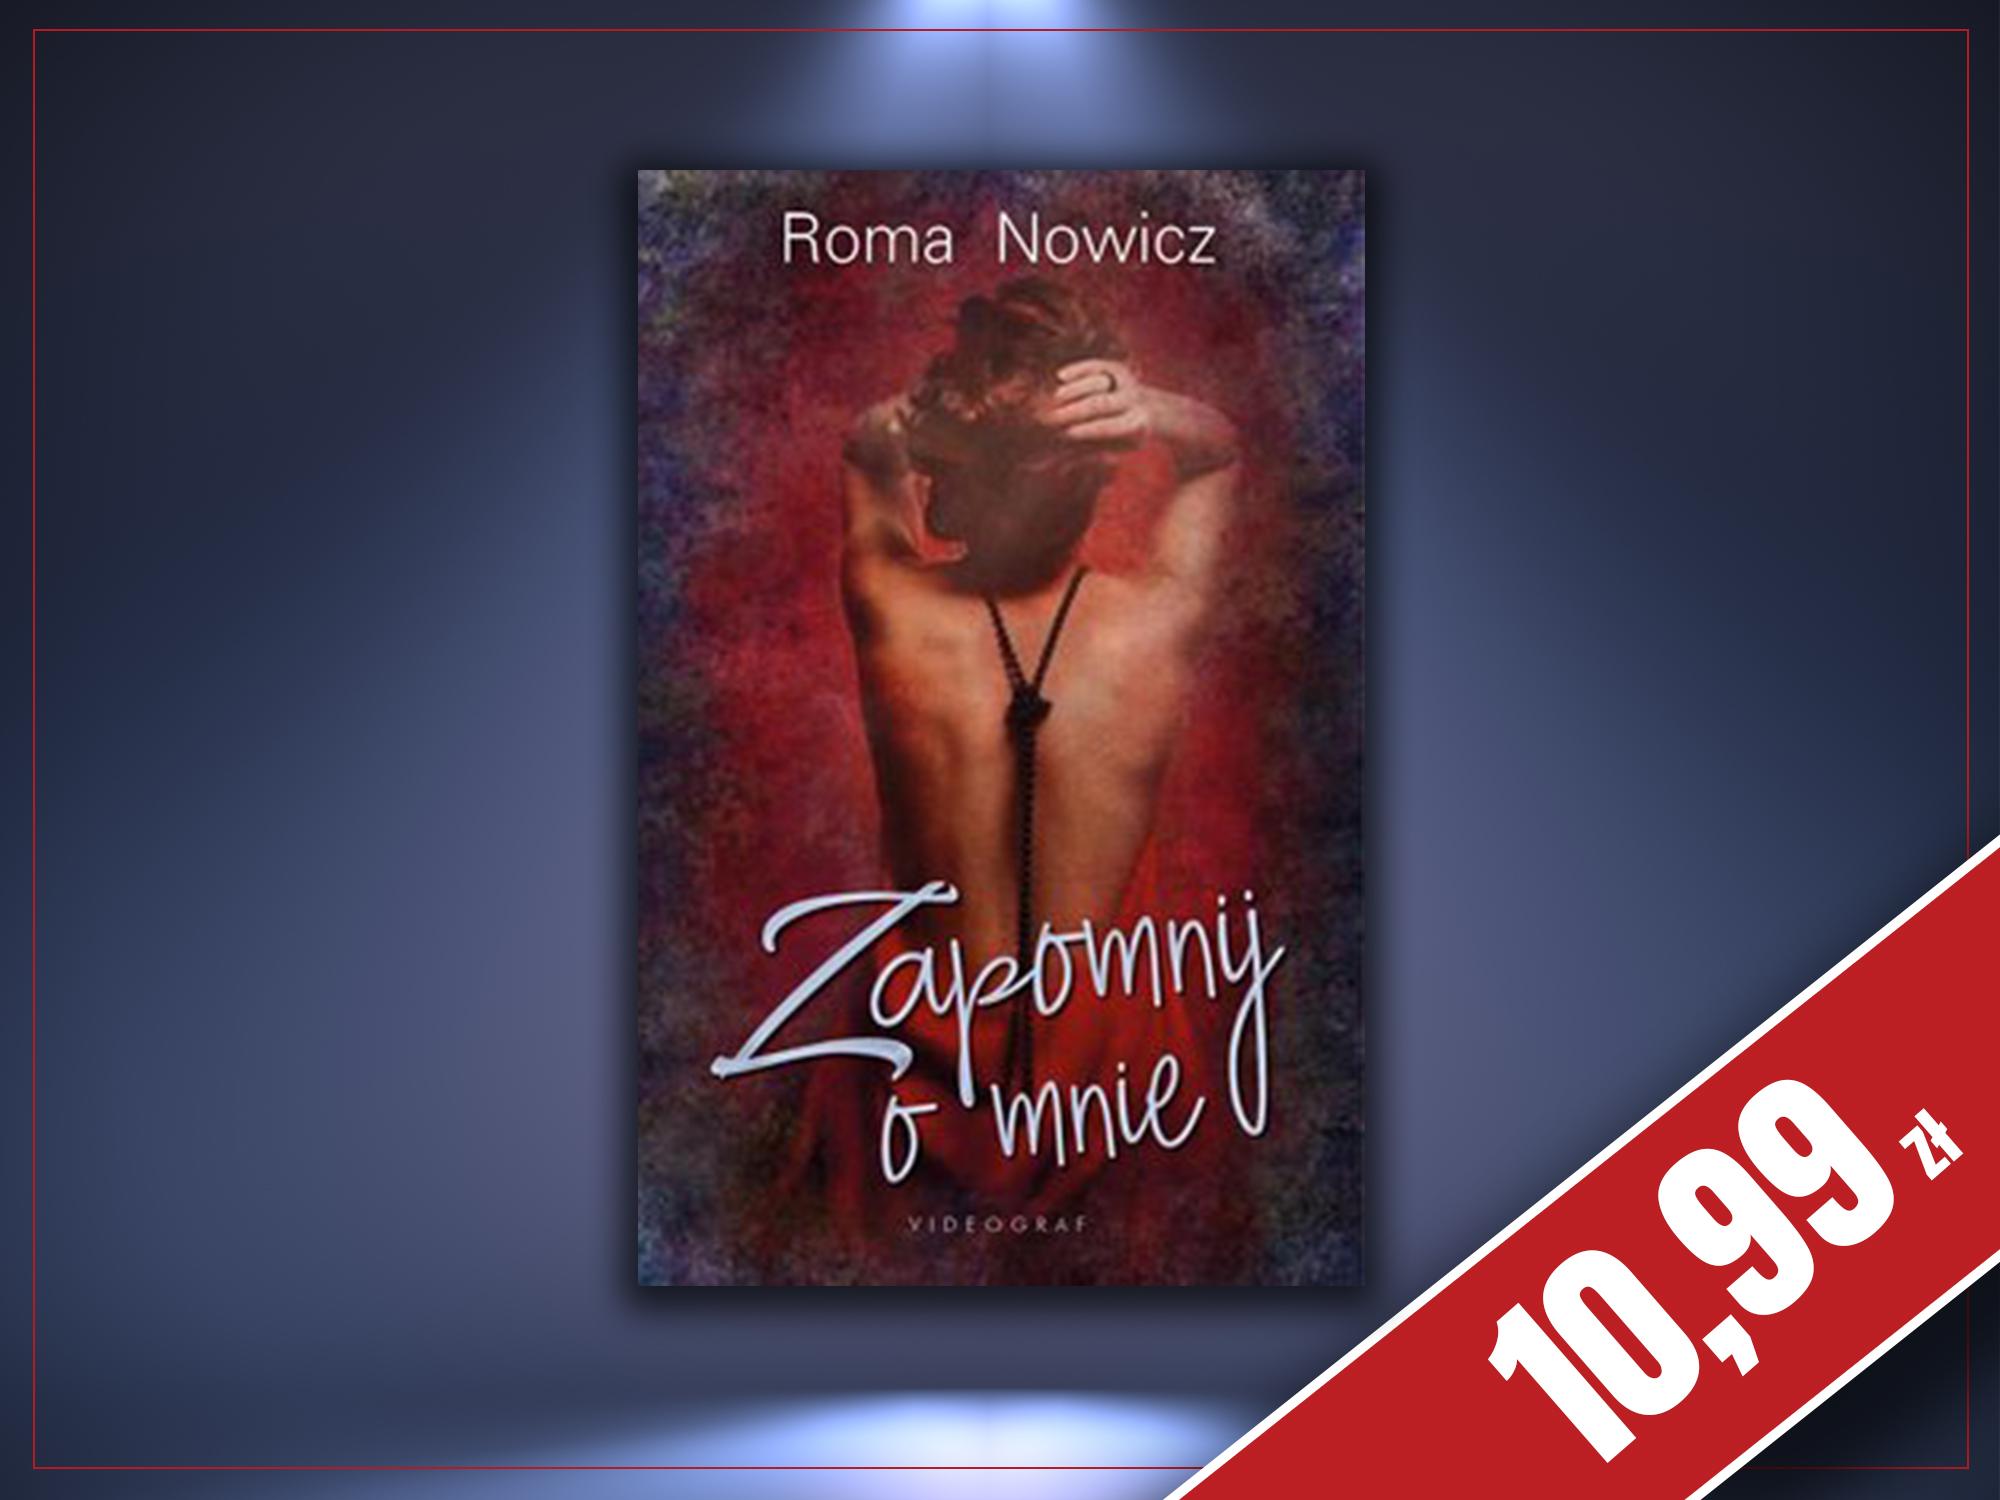 Zapomnij o mnie, Roma Nowicz